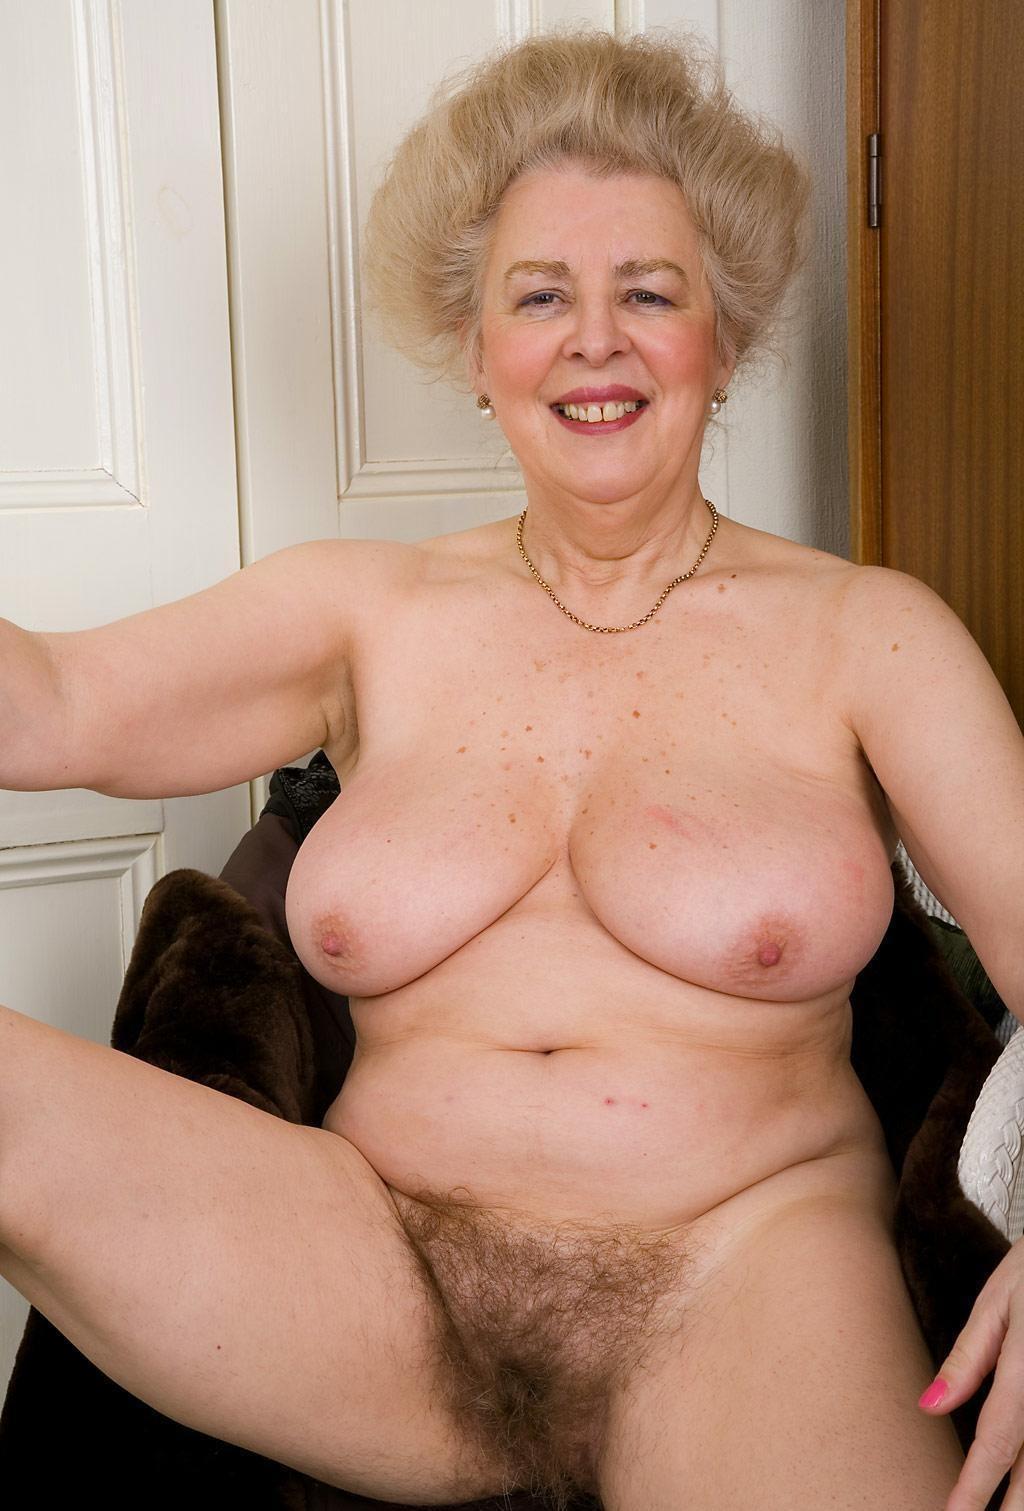 Фото Голых Бабушек С Волосатой Пиздой